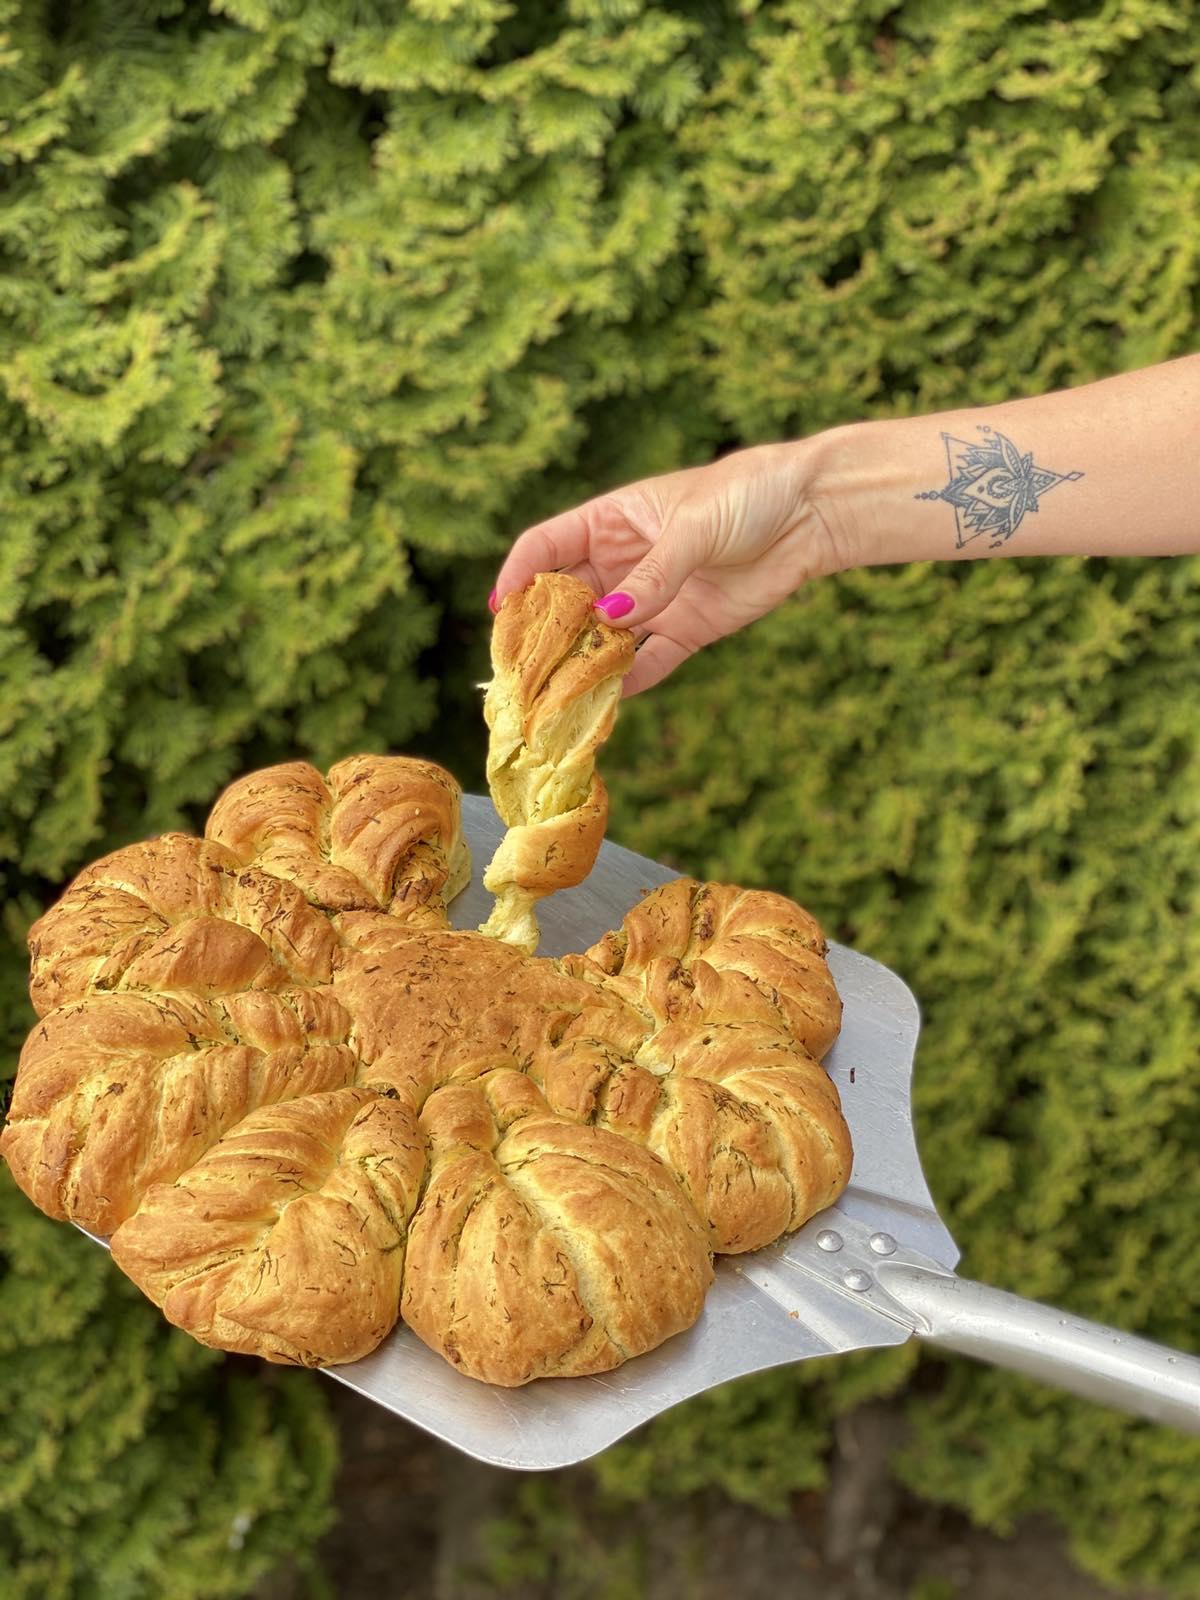 Prieskoninė iškylų duona